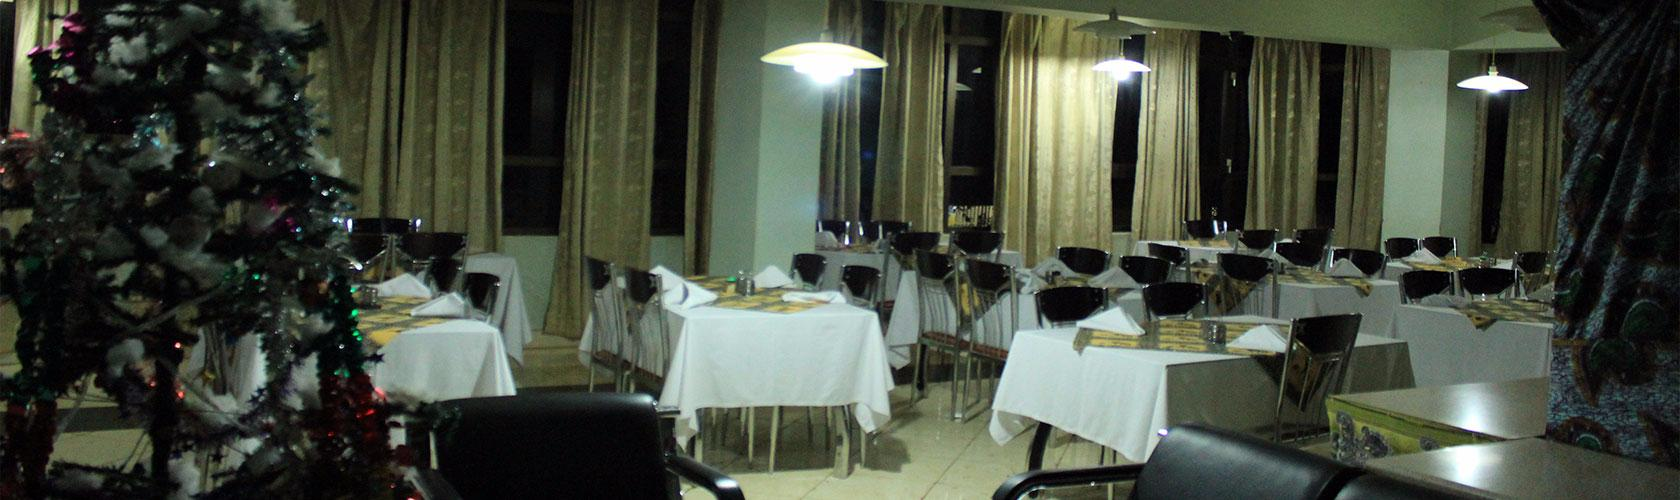 Panama Hotel Moshi